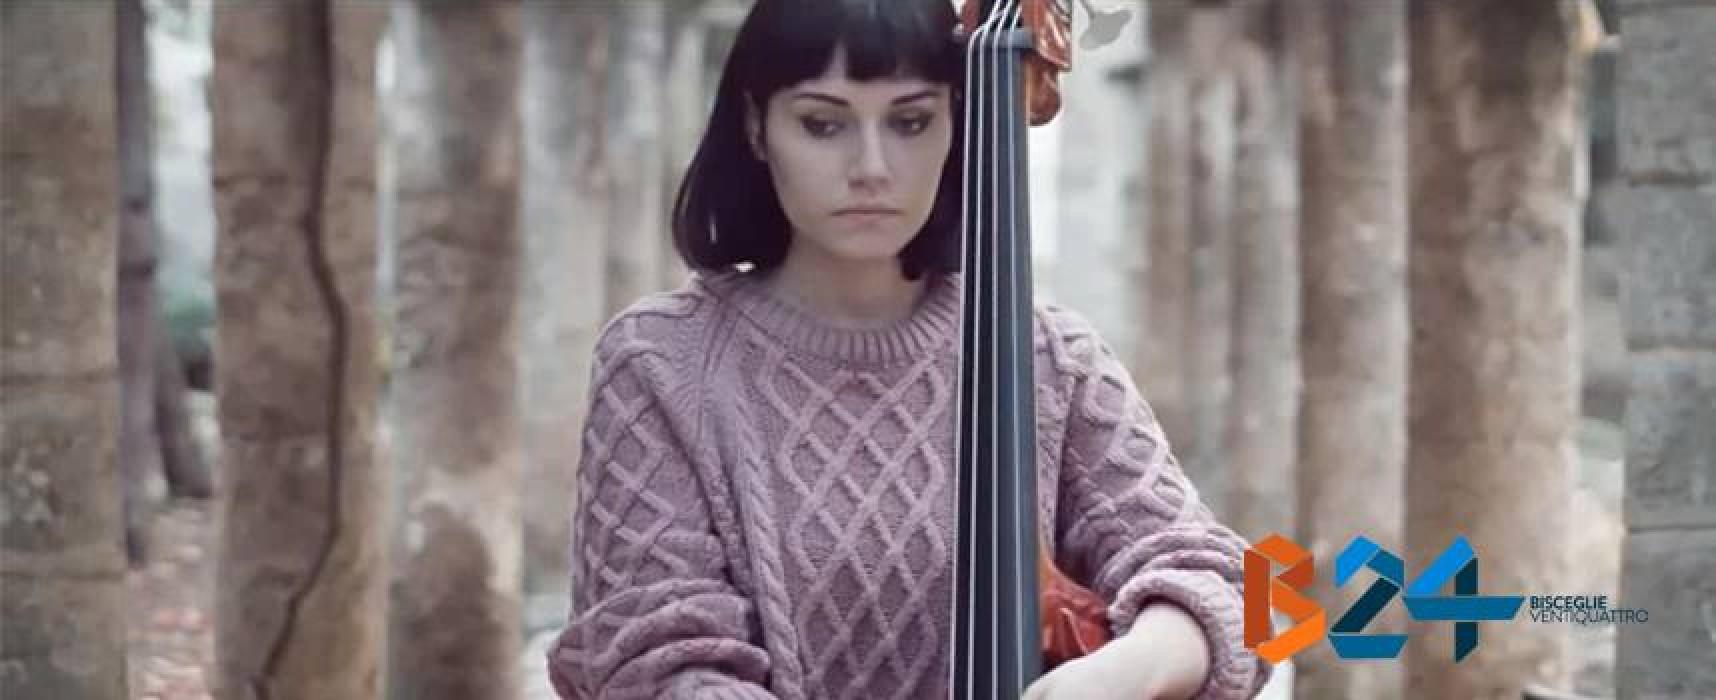 Videointervista ad Orelle, giovane cantautrice biscegliese al suo debutto discografico